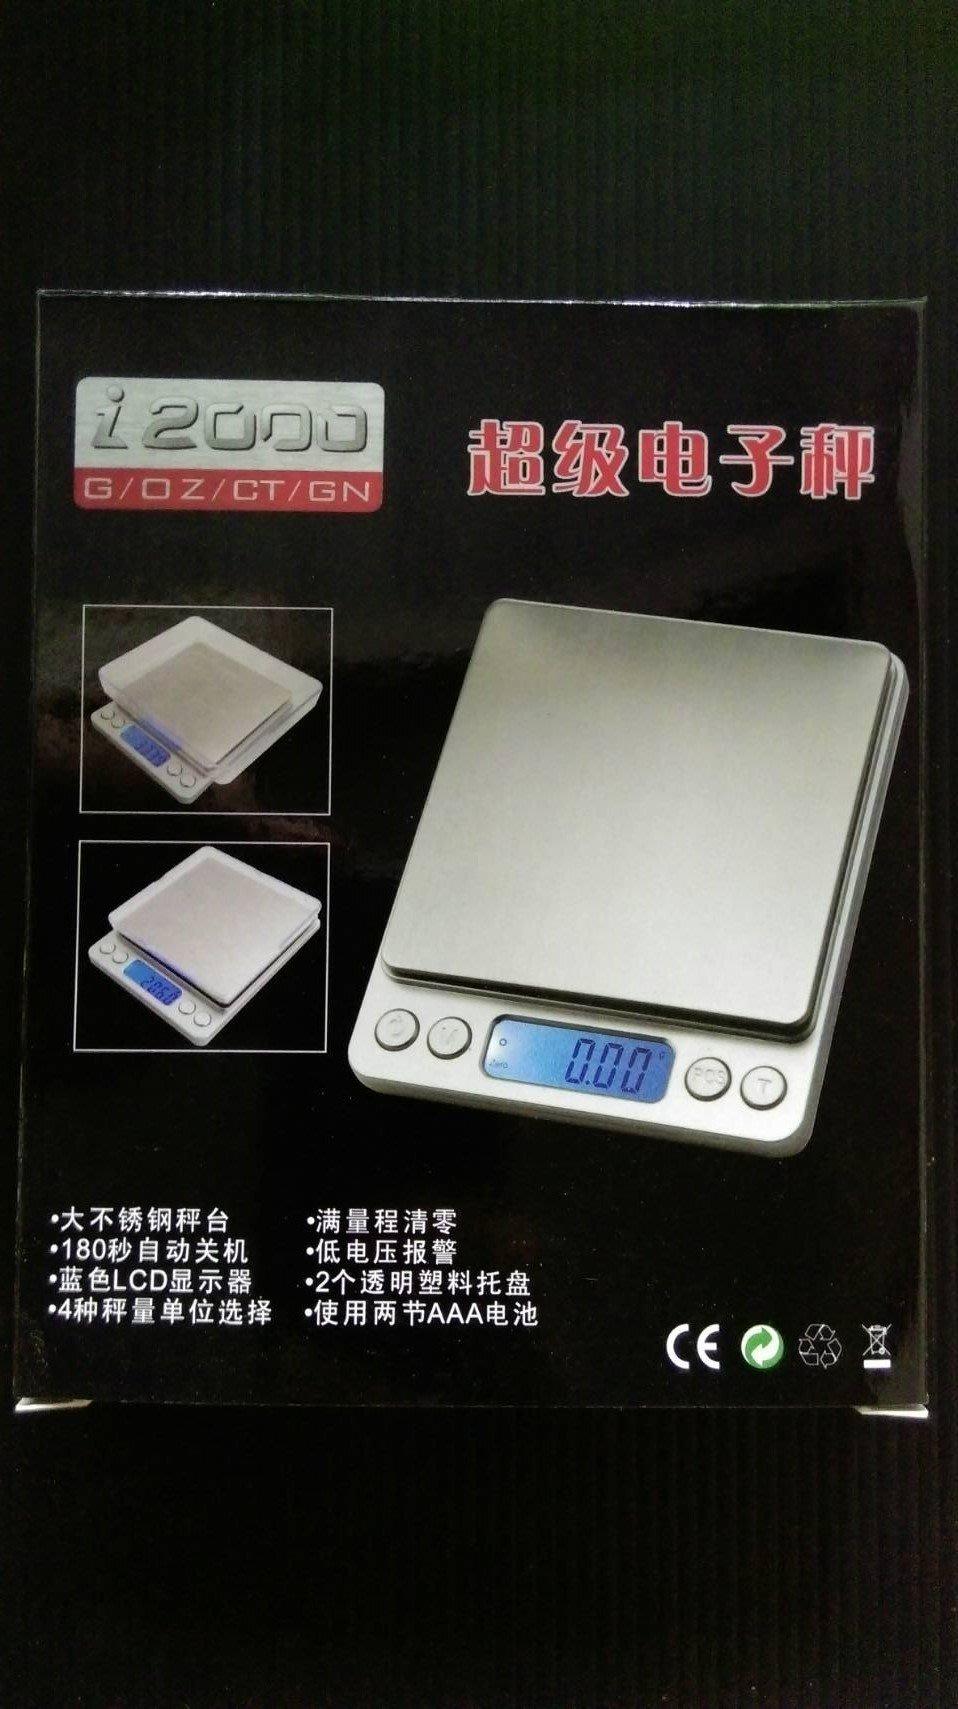 電子秤 銀色 3000g/0.1g 只要180元